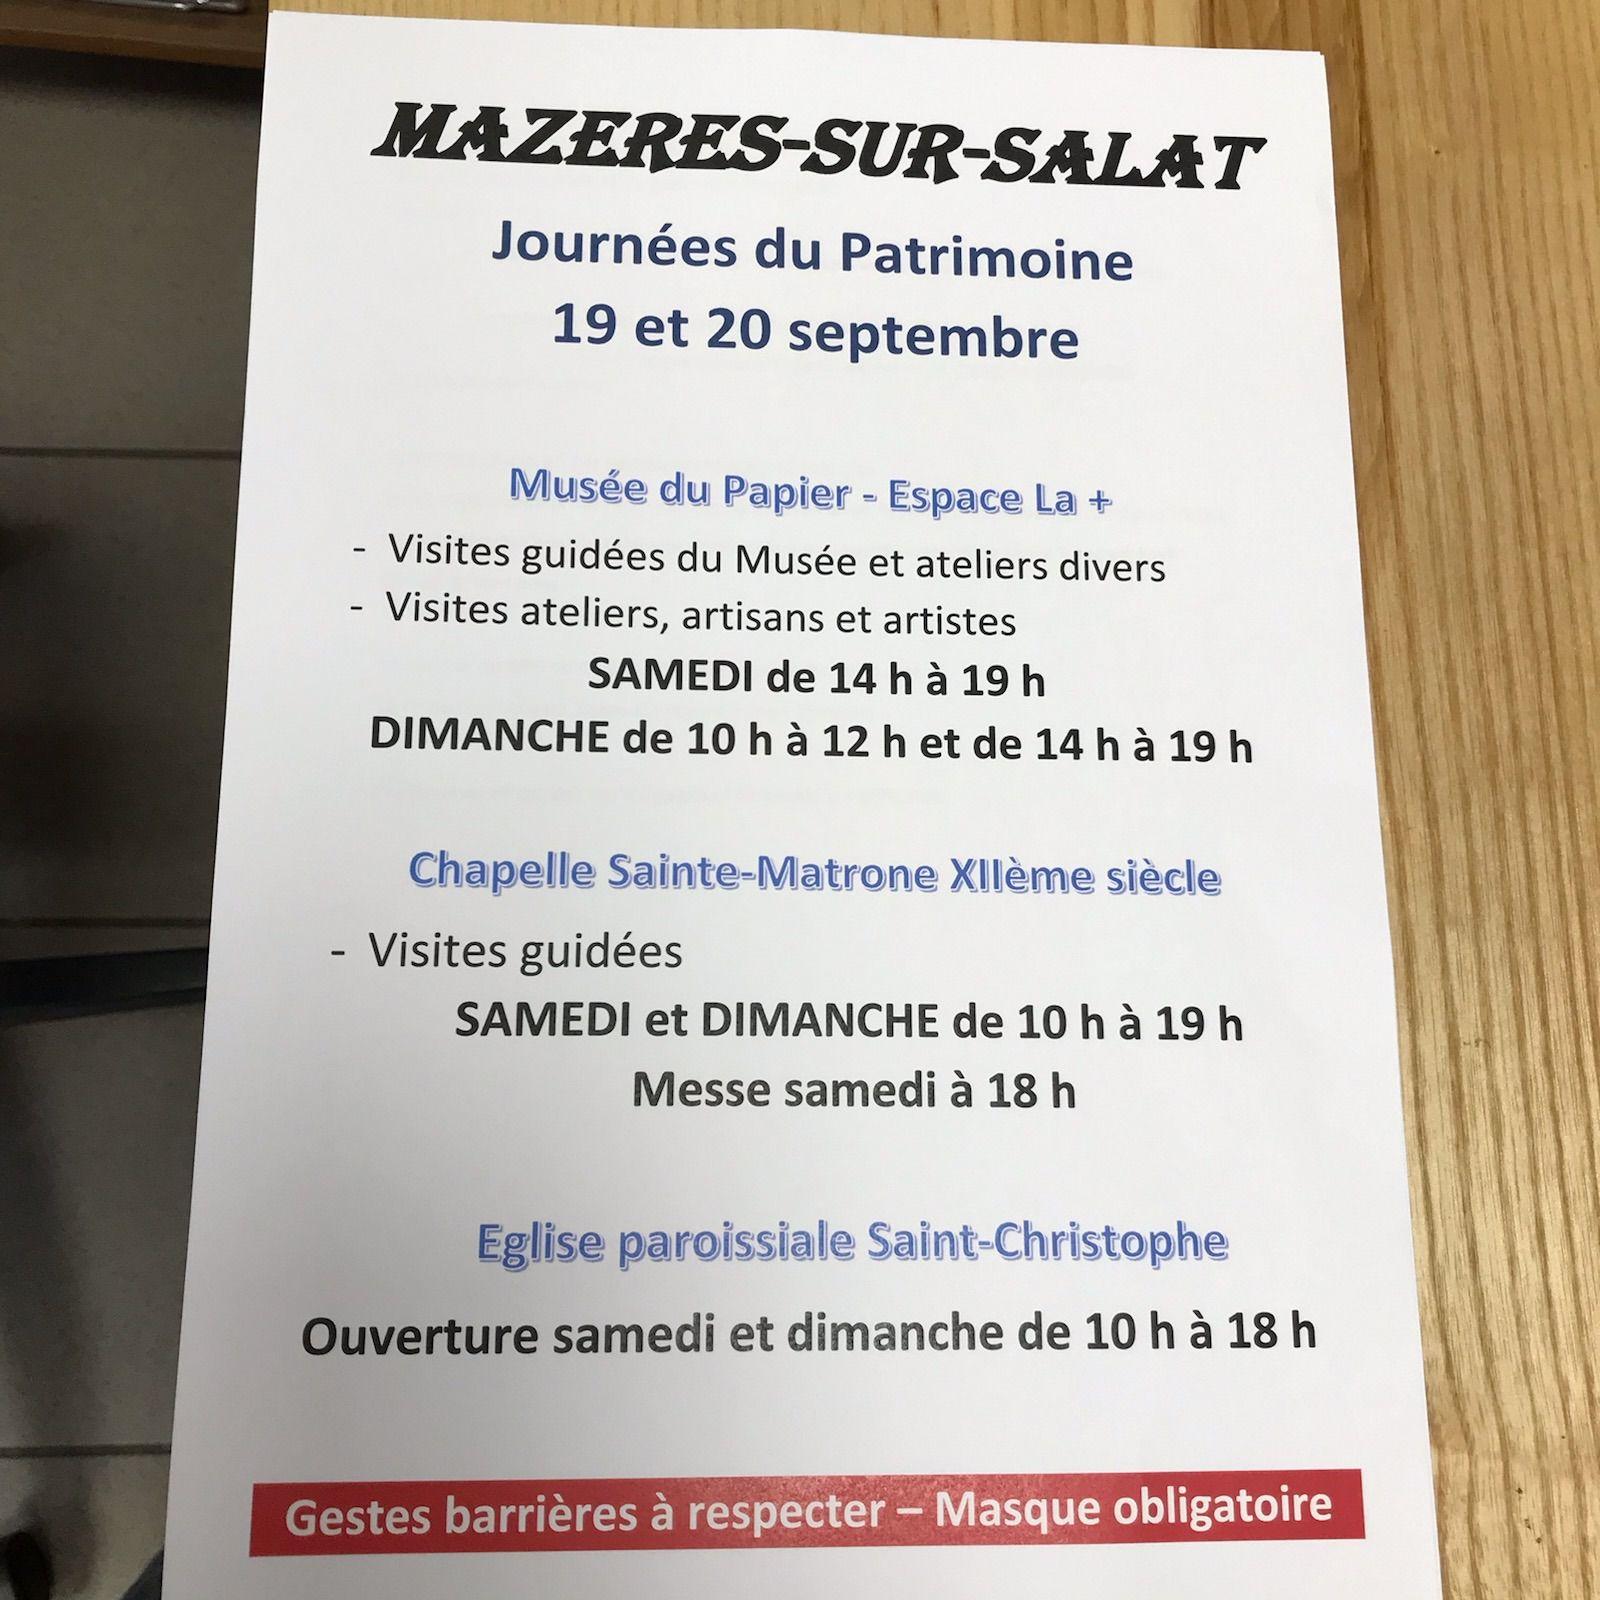 Mazères sur Salat - Journées du Patrimoine 19 et 20 septembre